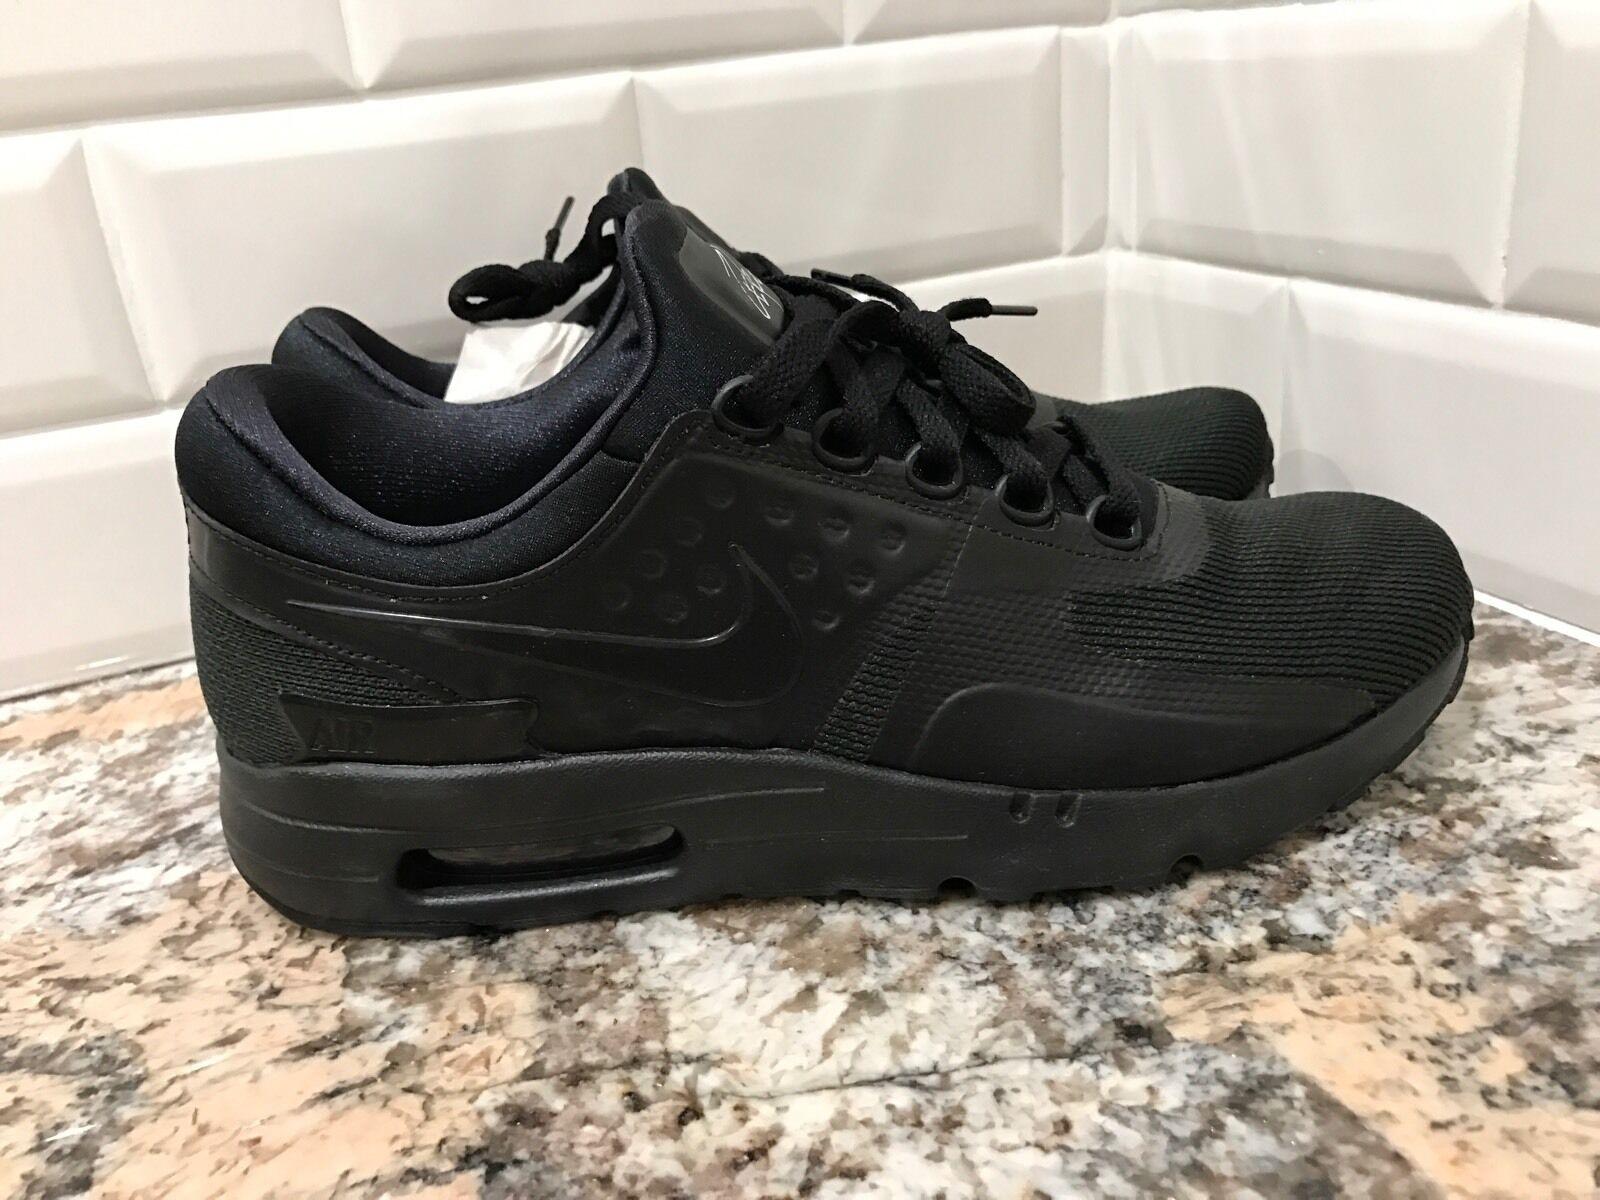 Nike Air Max Zero Essential Negro Triple de Negro Rare Hombre reducción de Triple precio venta de liquidacion de temporada 6cd834